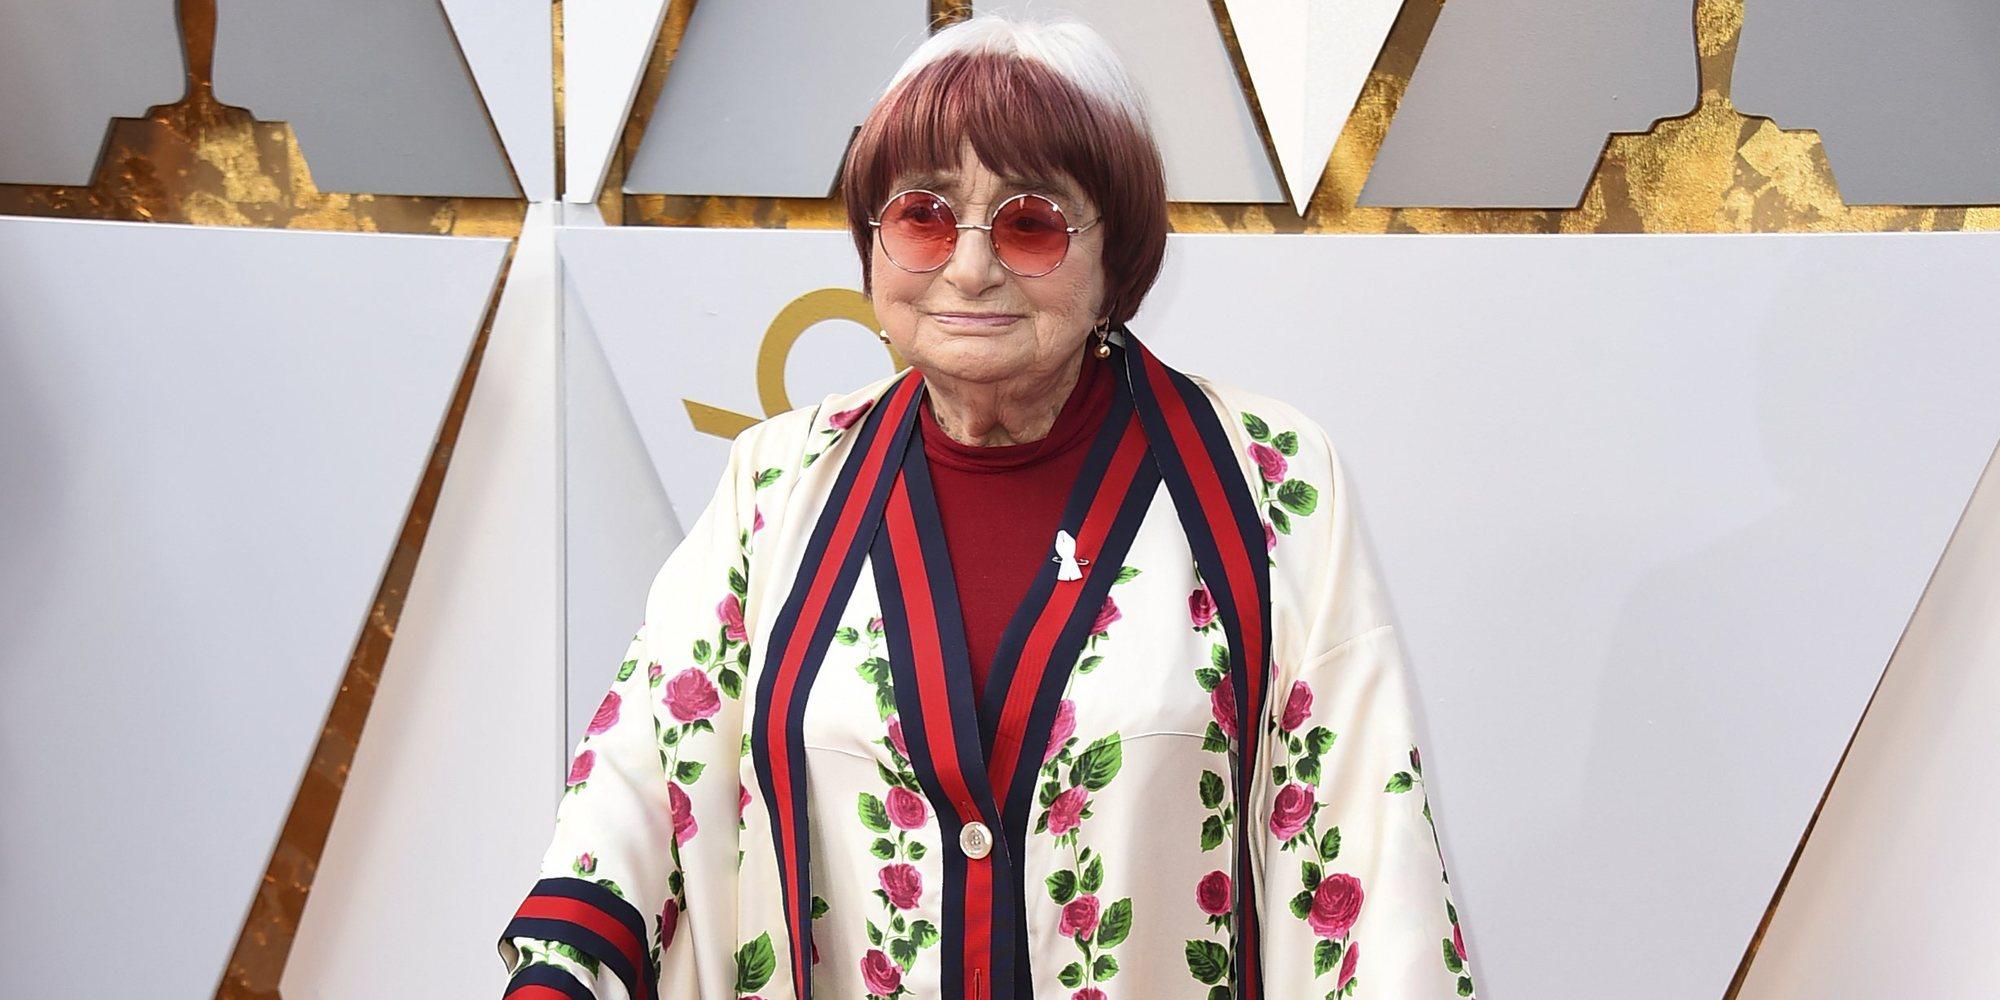 Muere Agnès Varda, directora mítica de la Nouvelle Vague, a los 90 años